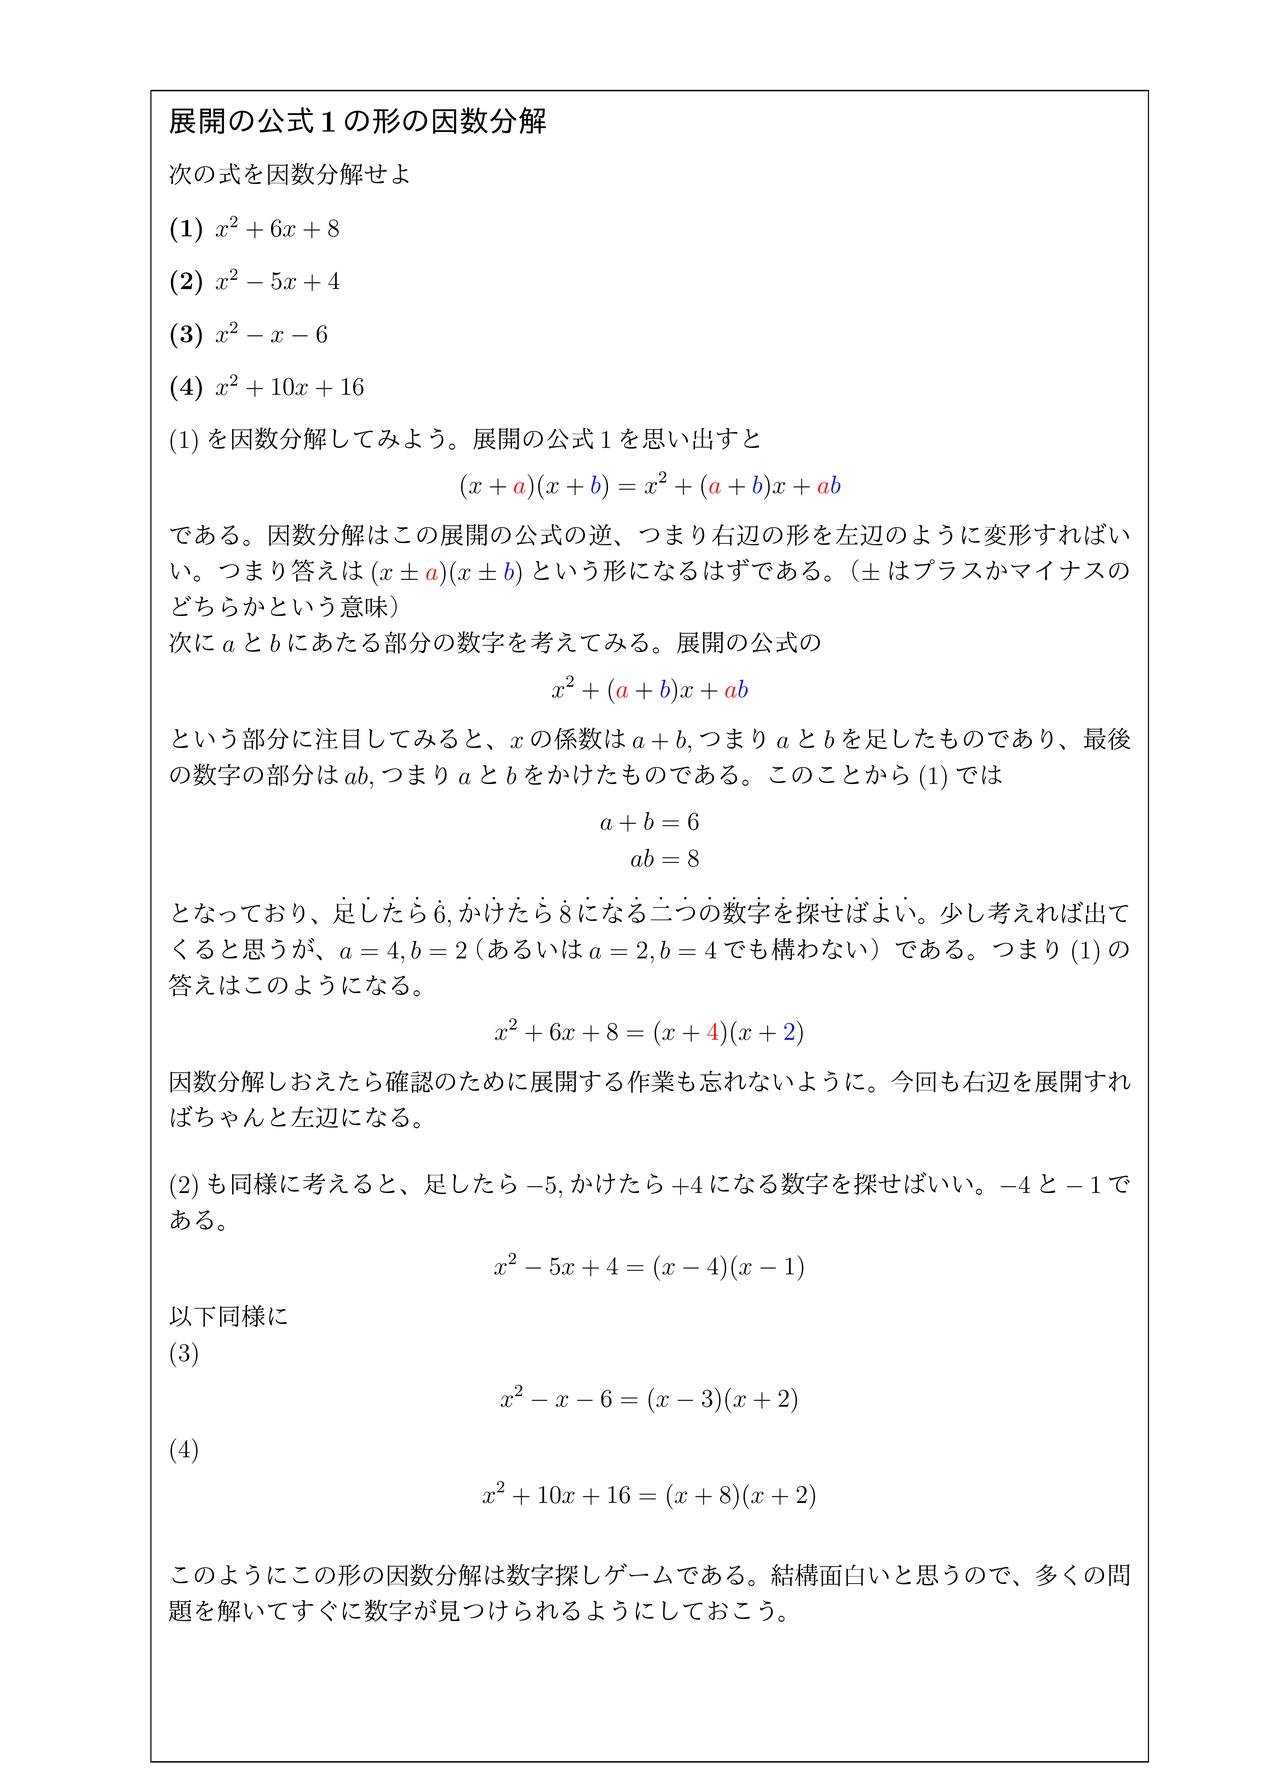 因数分解公式1